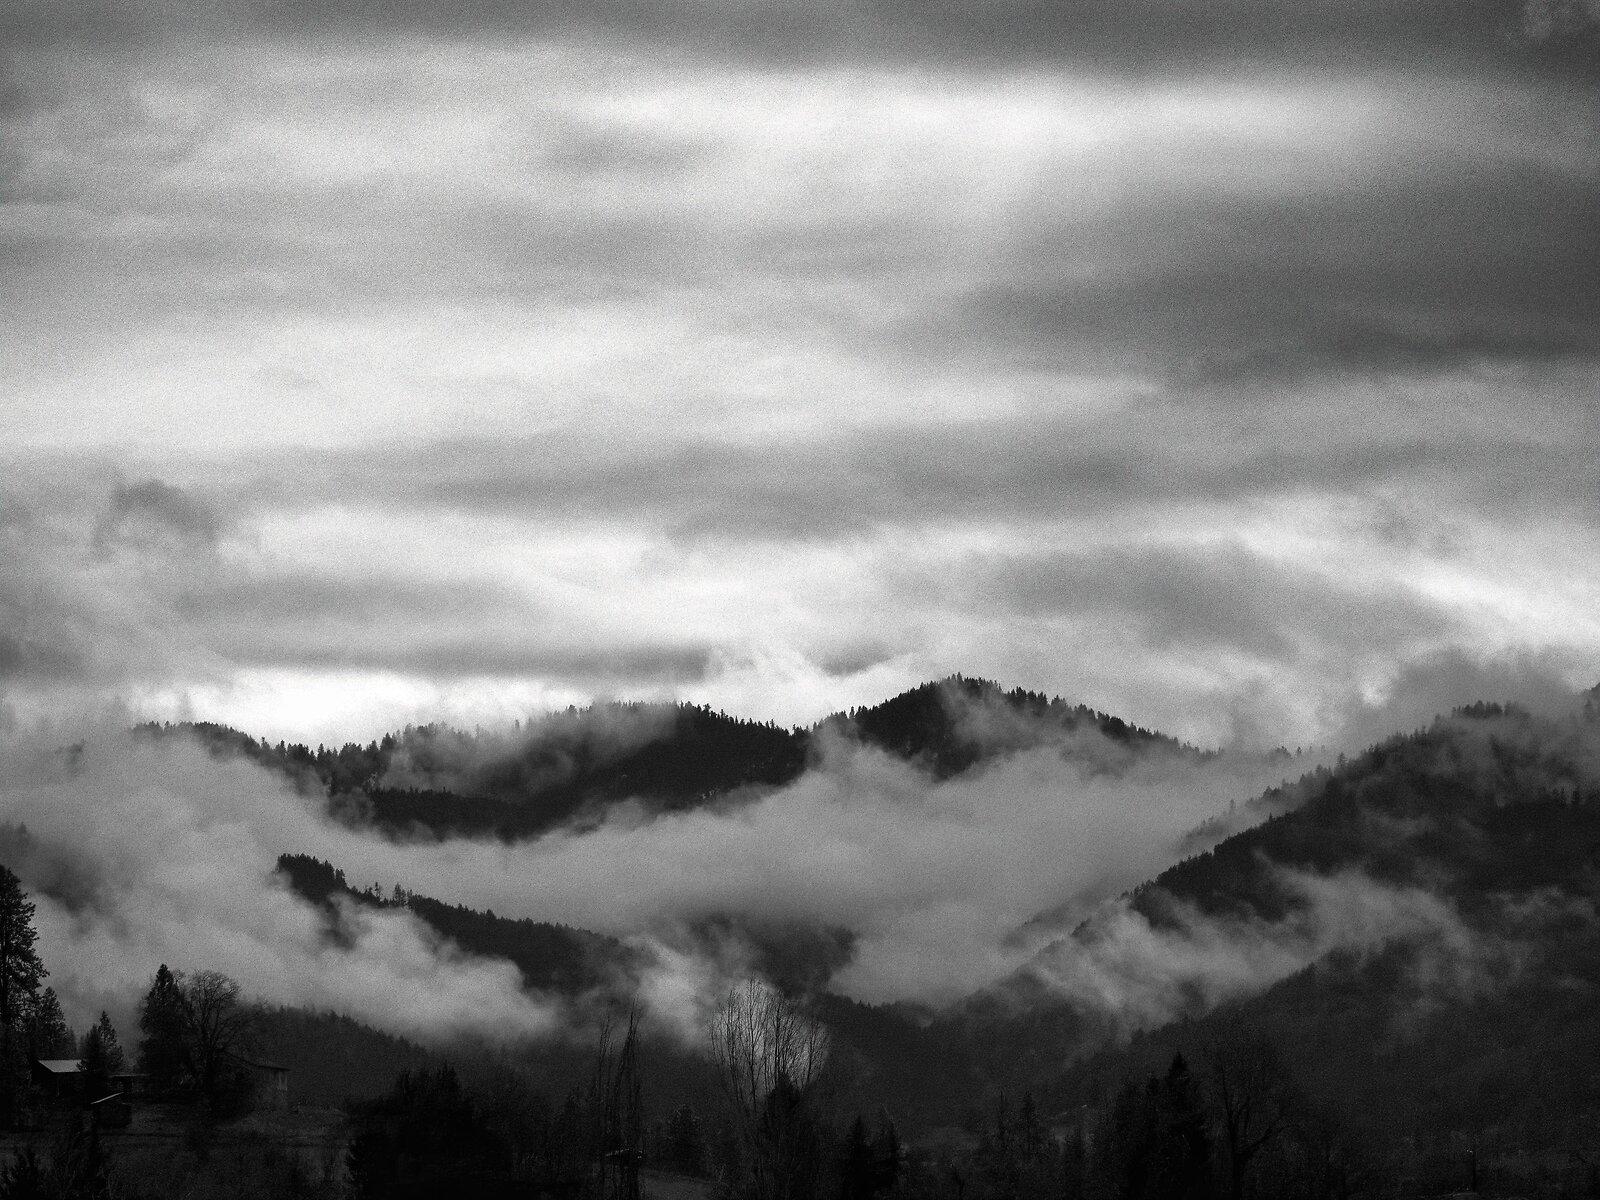 GX9_Feb18_21_Talent_clouds#3(l.mono.d.).jpg